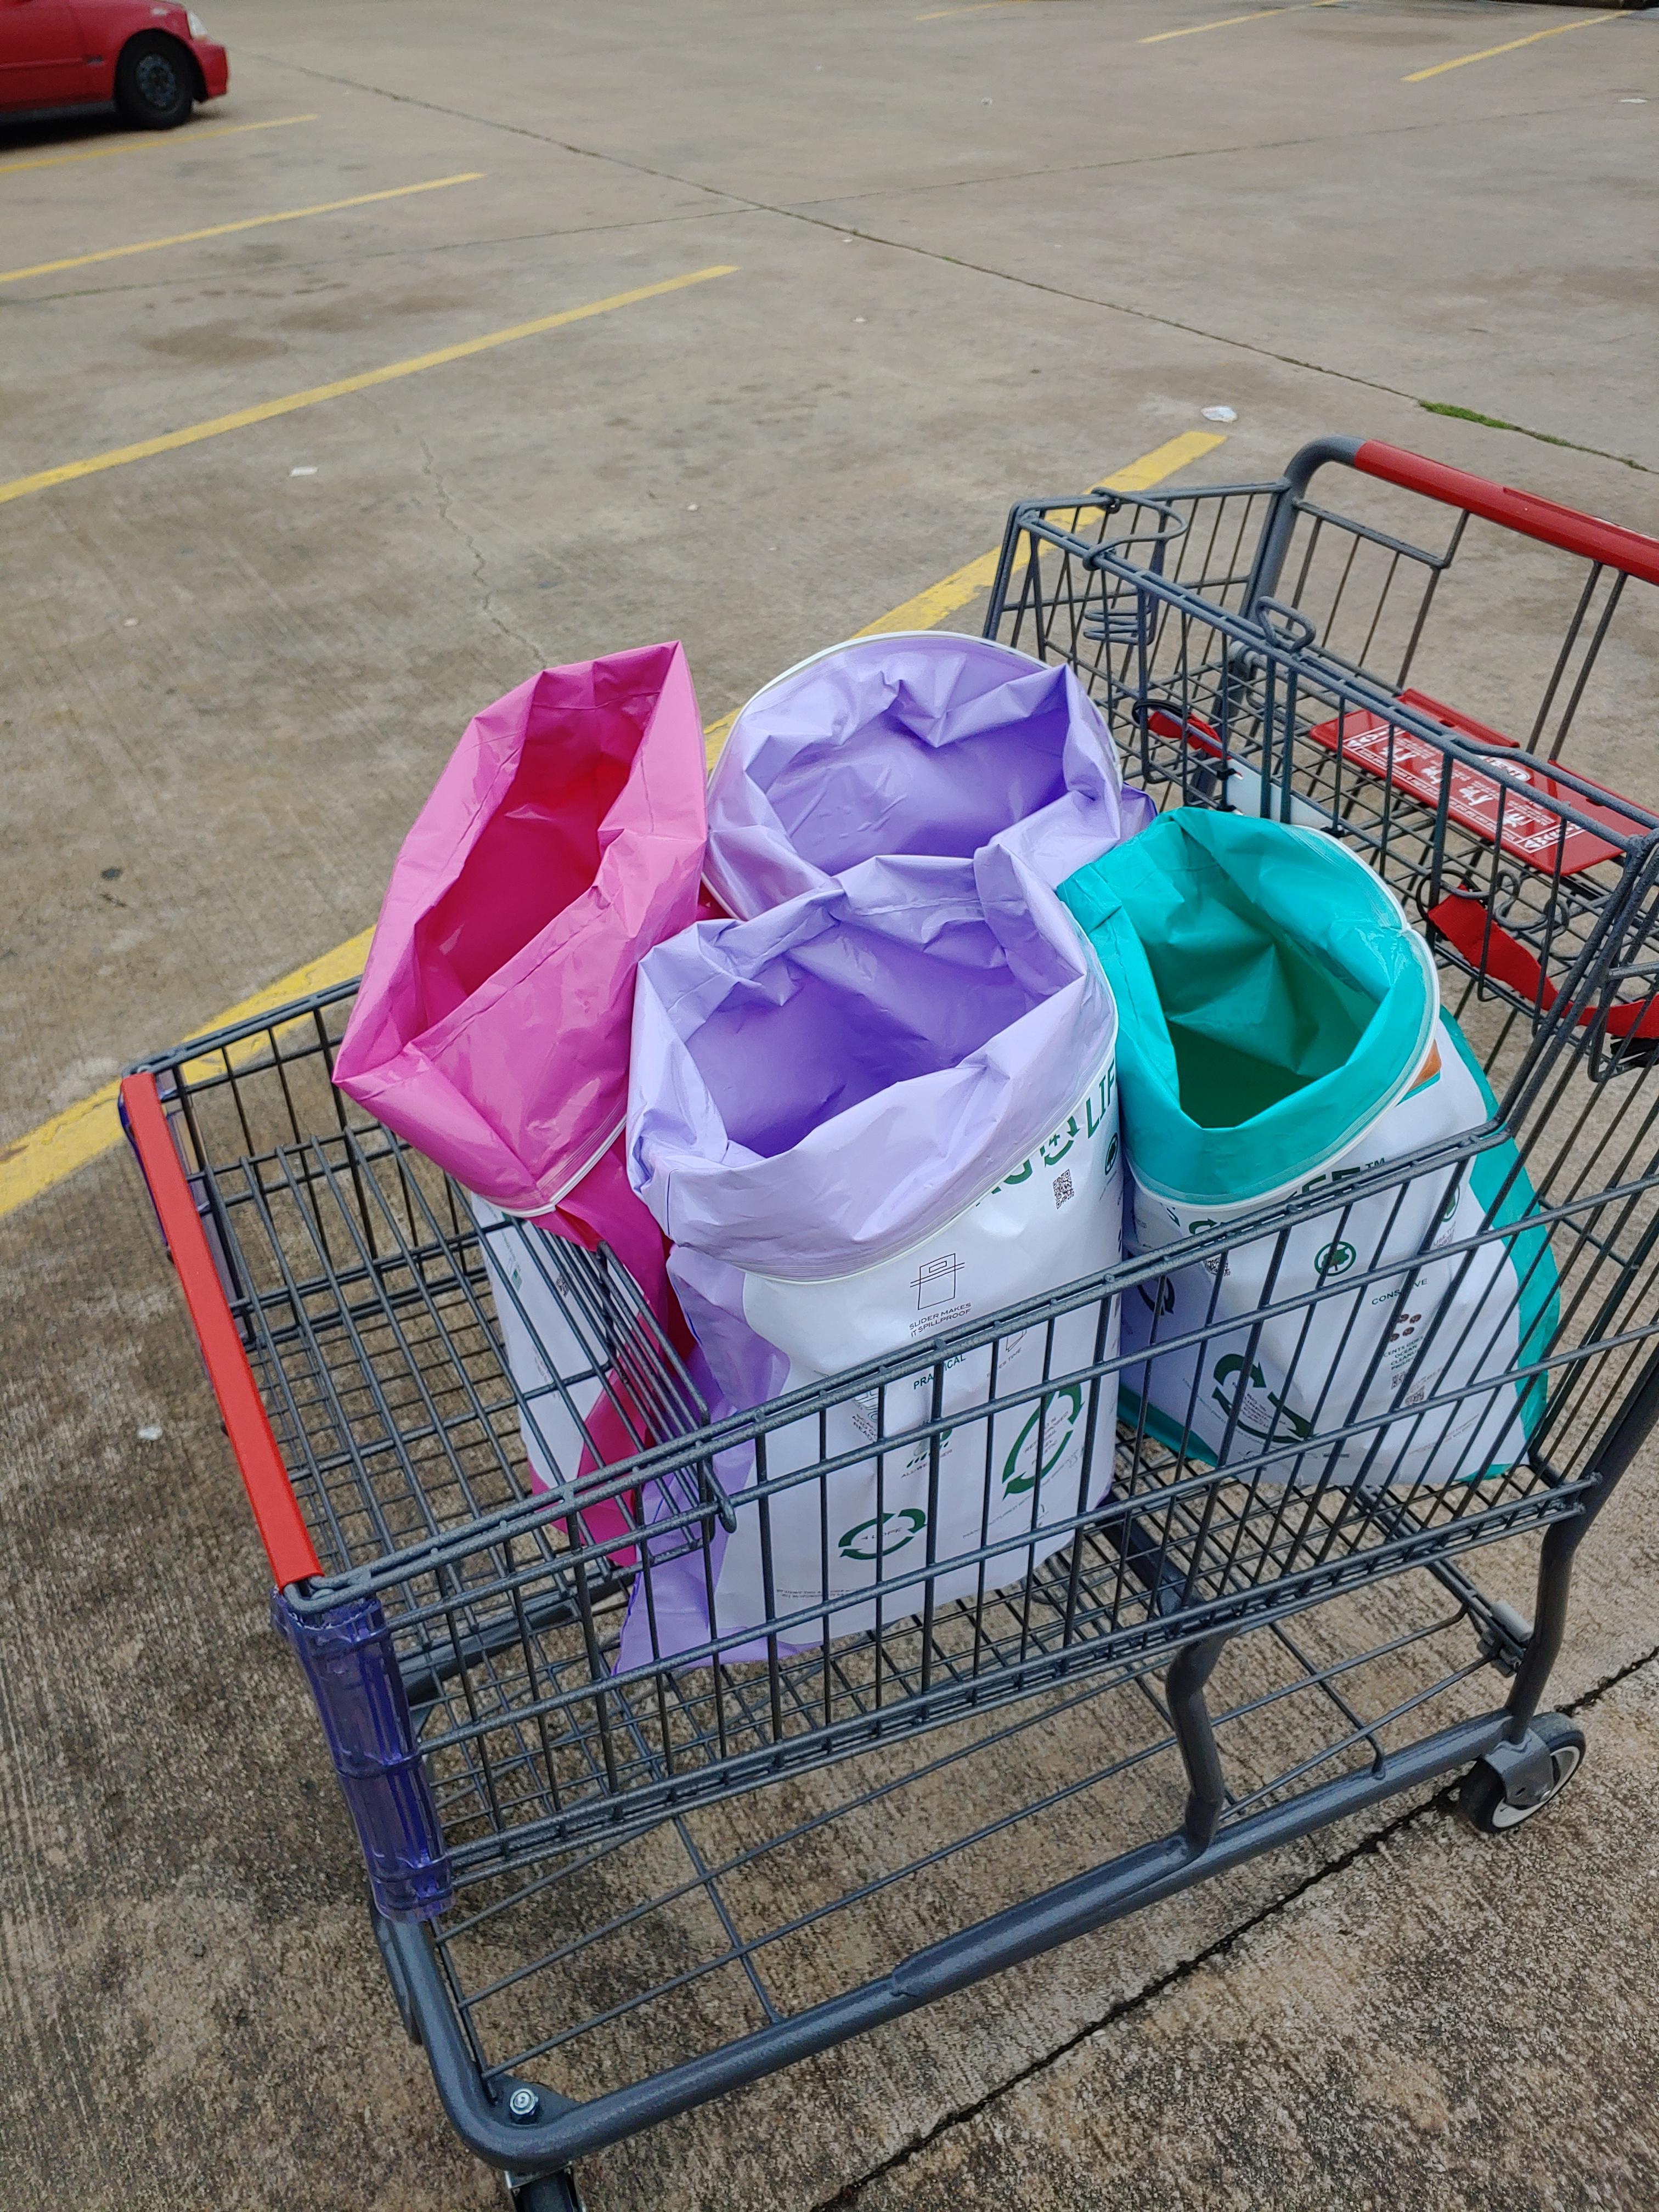 bag4lifeinshoppingcart